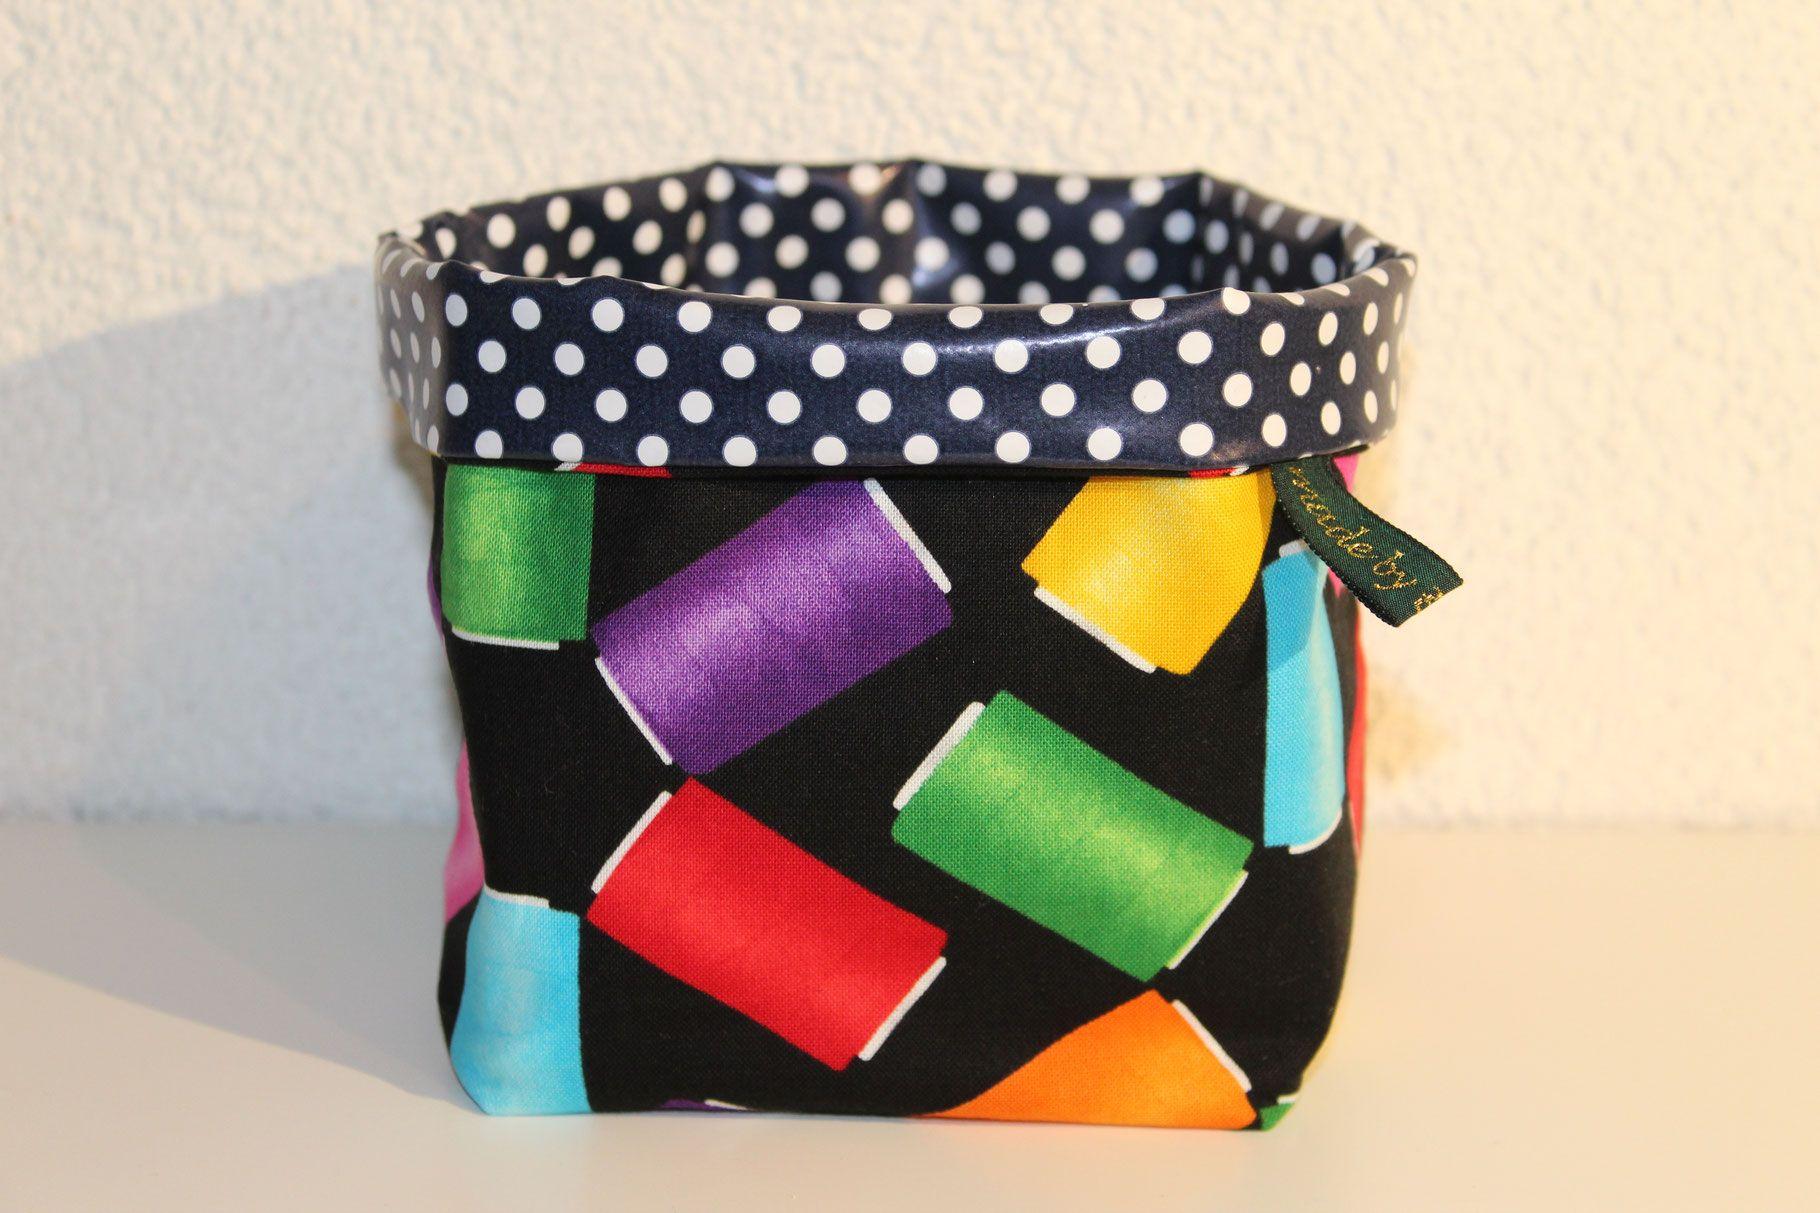 Es gibt kleine Utensilo sind bereits mit 30 Zuckersticks gefüllt oder mit ca 400 Zahnstocher Geschenke erhalten Freundschaft und deshalb bring